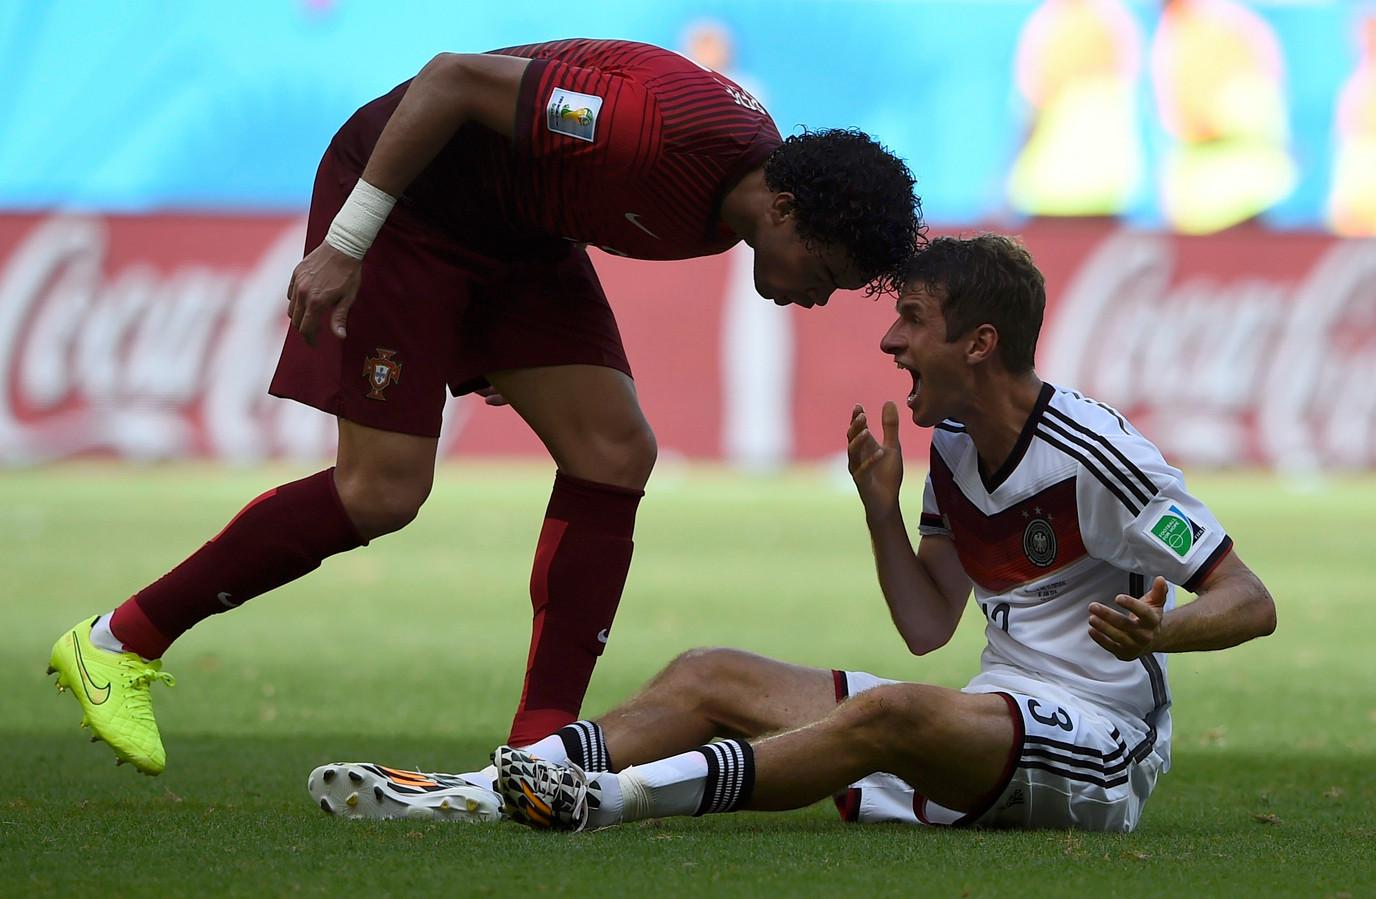 Pepe heeft het in zijn 20 jaar als profvoetballer met veel spitsen aan de stok gehad, waaronder Thomas Muller.